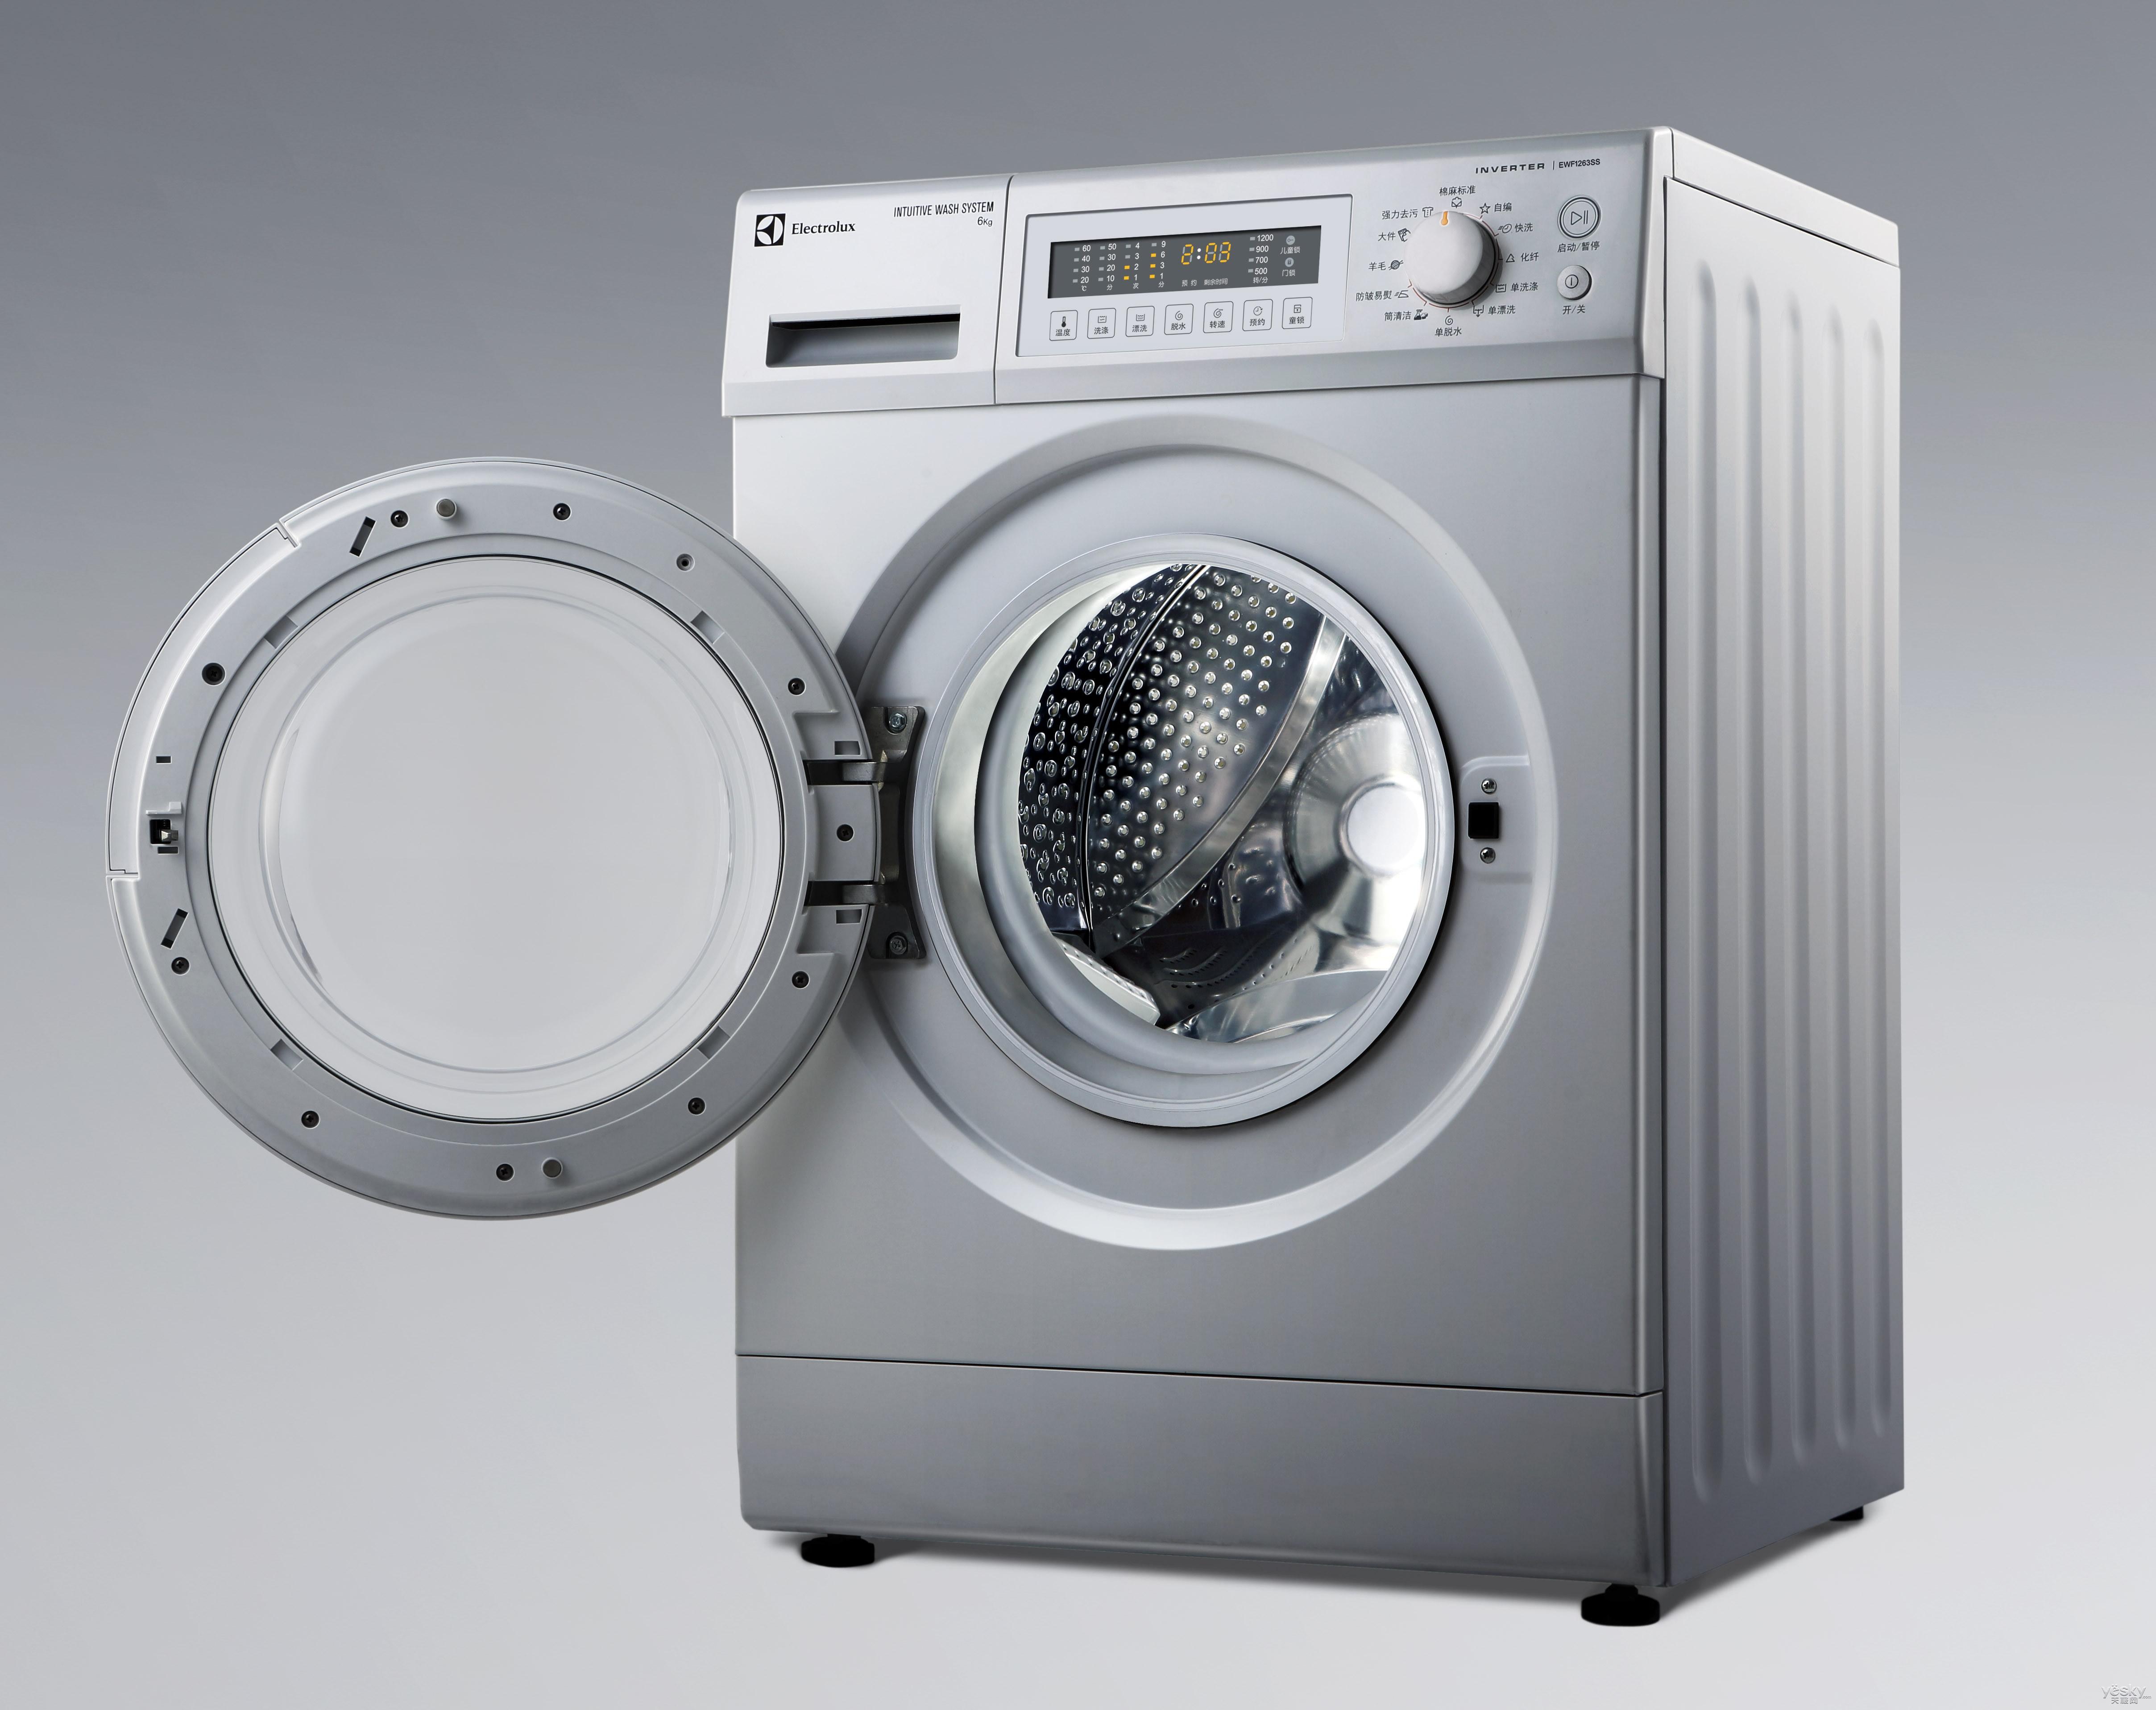 伊莱克斯洗衣机哪里代工的_伊莱克斯洗衣机哪里代工的_伊莱克斯泡茶机